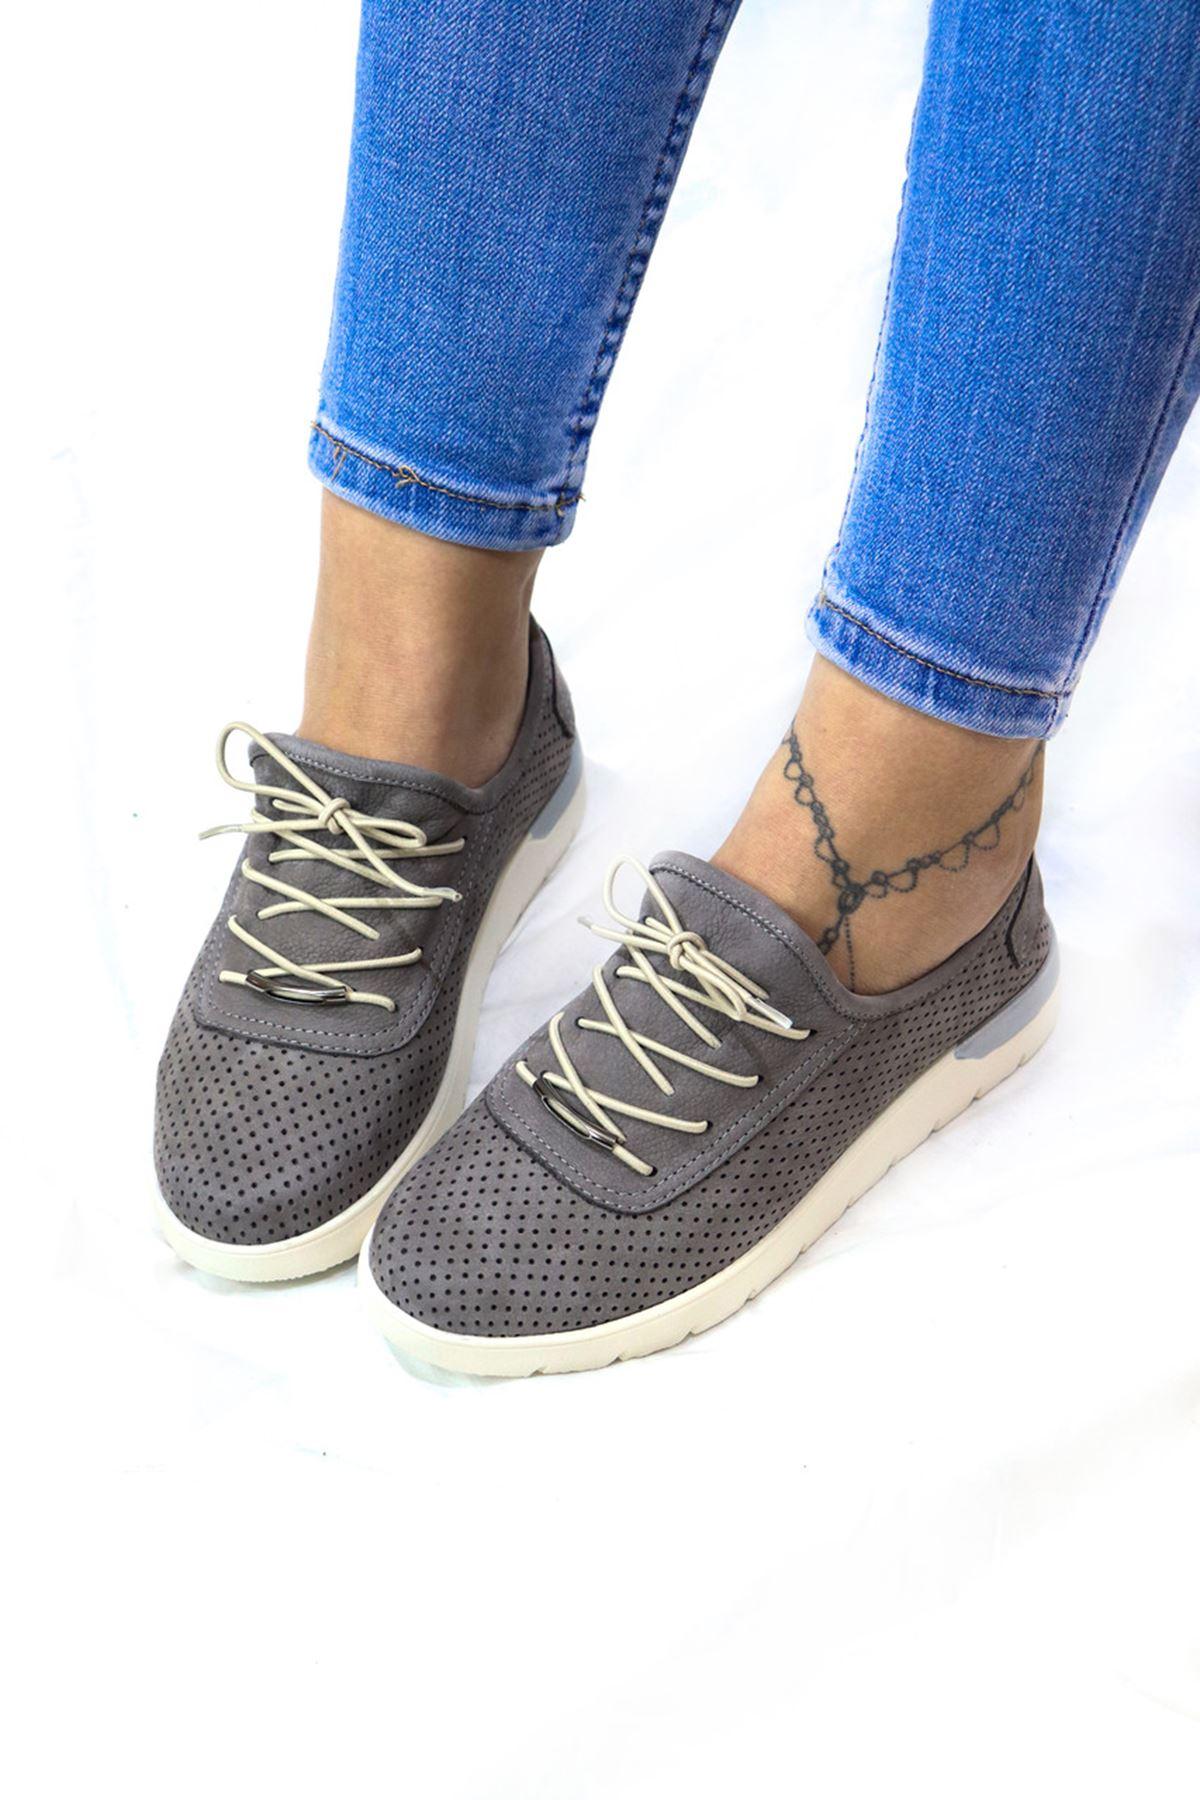 Trendayakkabı - 216 CMF - Gren Nubuk Kadın Ayakkabısı